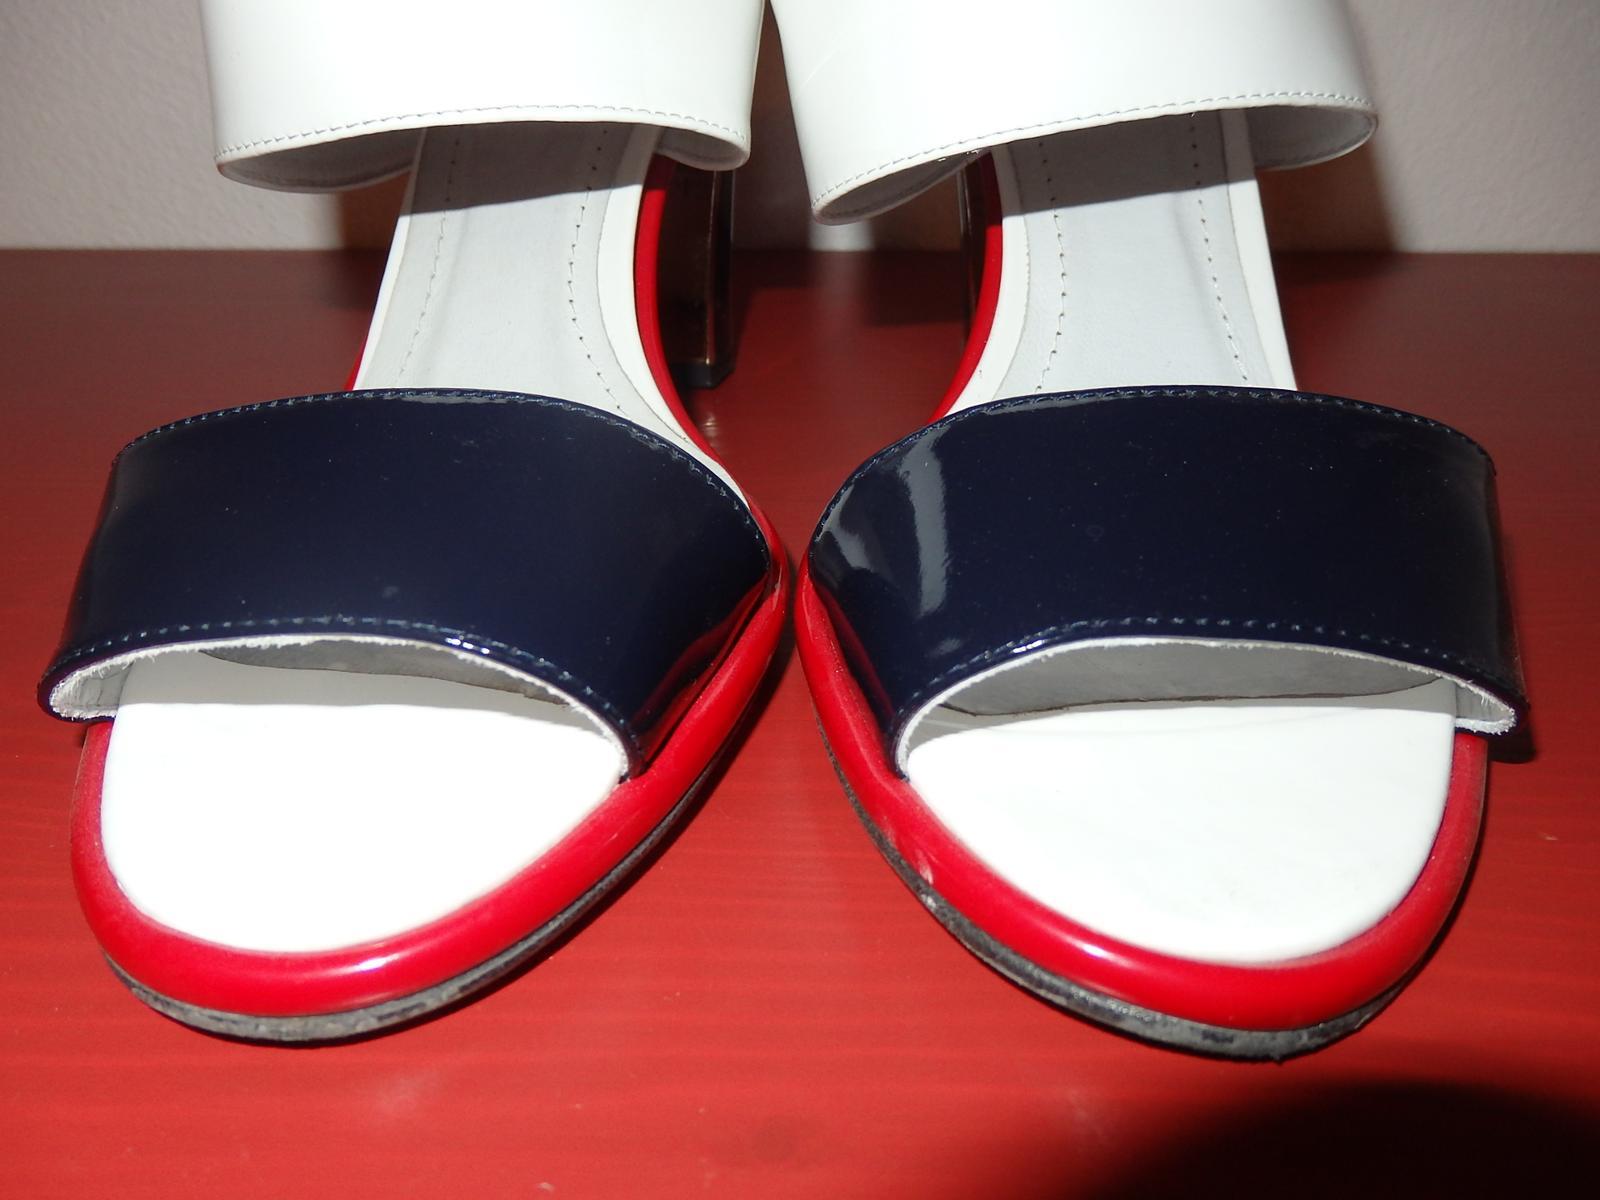 etné lakové sandále - Obrázok č. 4